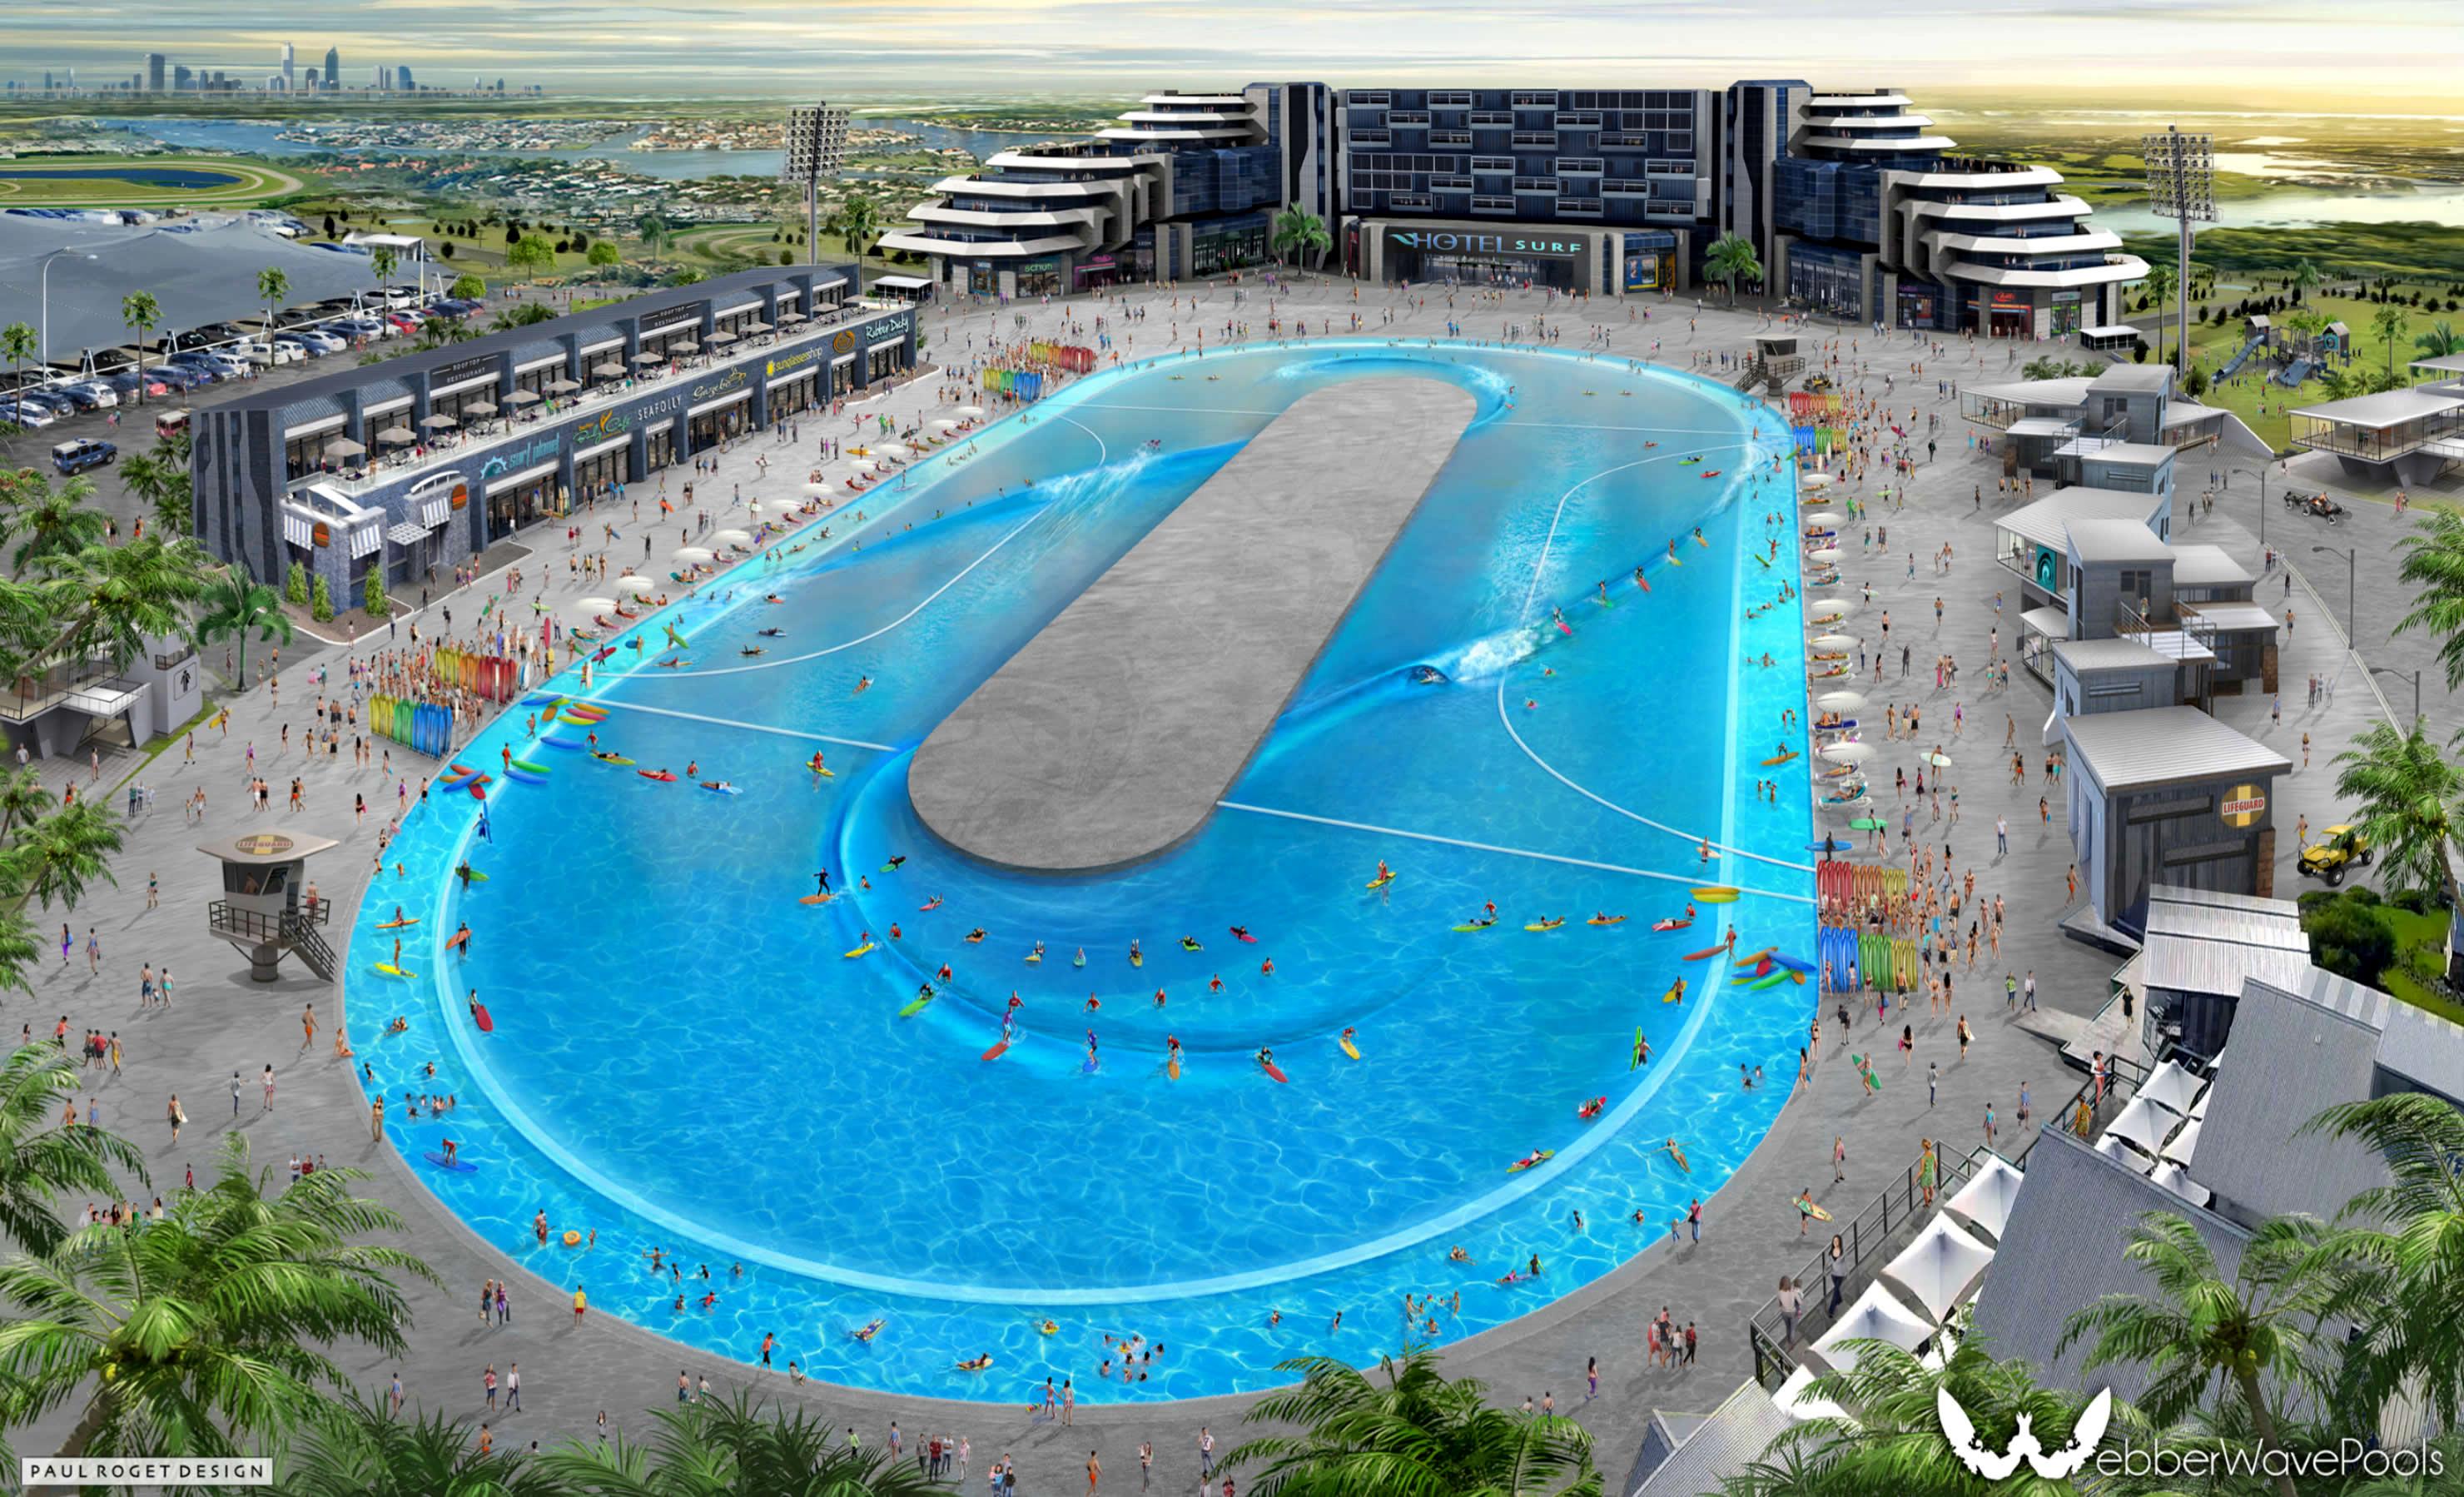 Inglaterra invertirá millones de dólares en piscina de olas impulsado por Surf Lakes